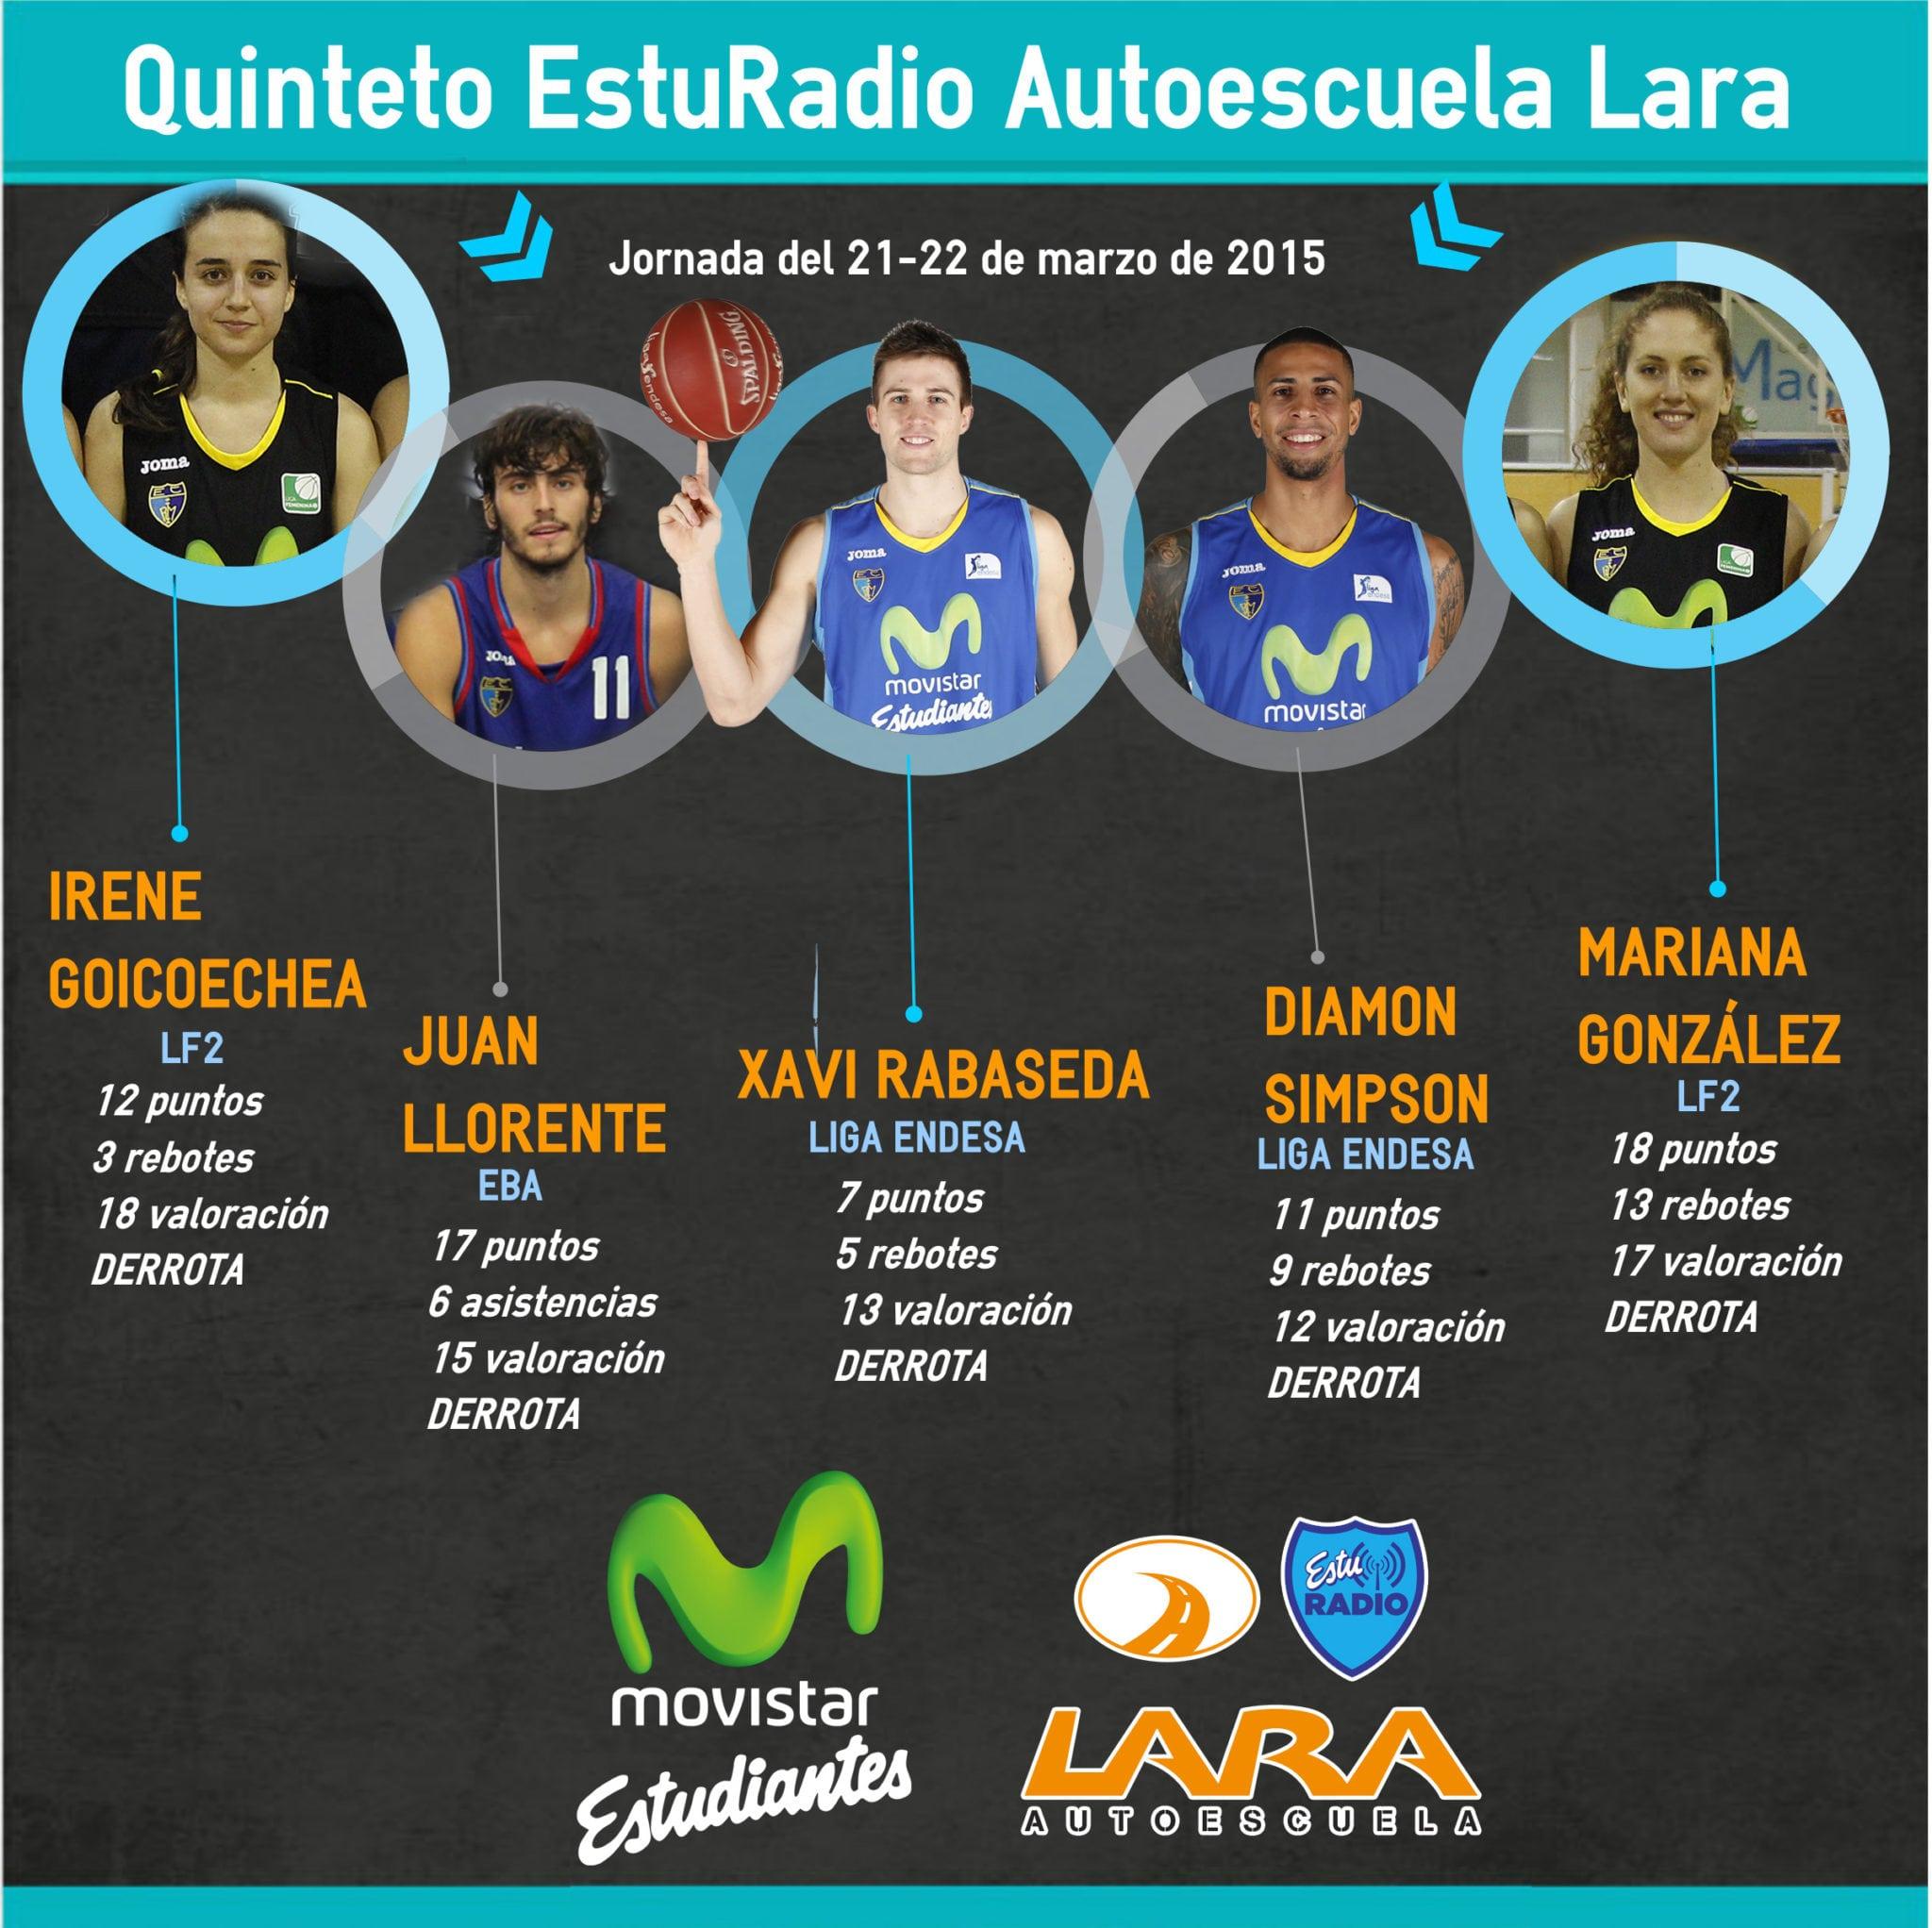 17º Quinteto Autoescuela Lara EstuRadio: Irene Goicoechea, Juan Llorente, Xavi Rabaseda, Diamon Simpson y Mariana González